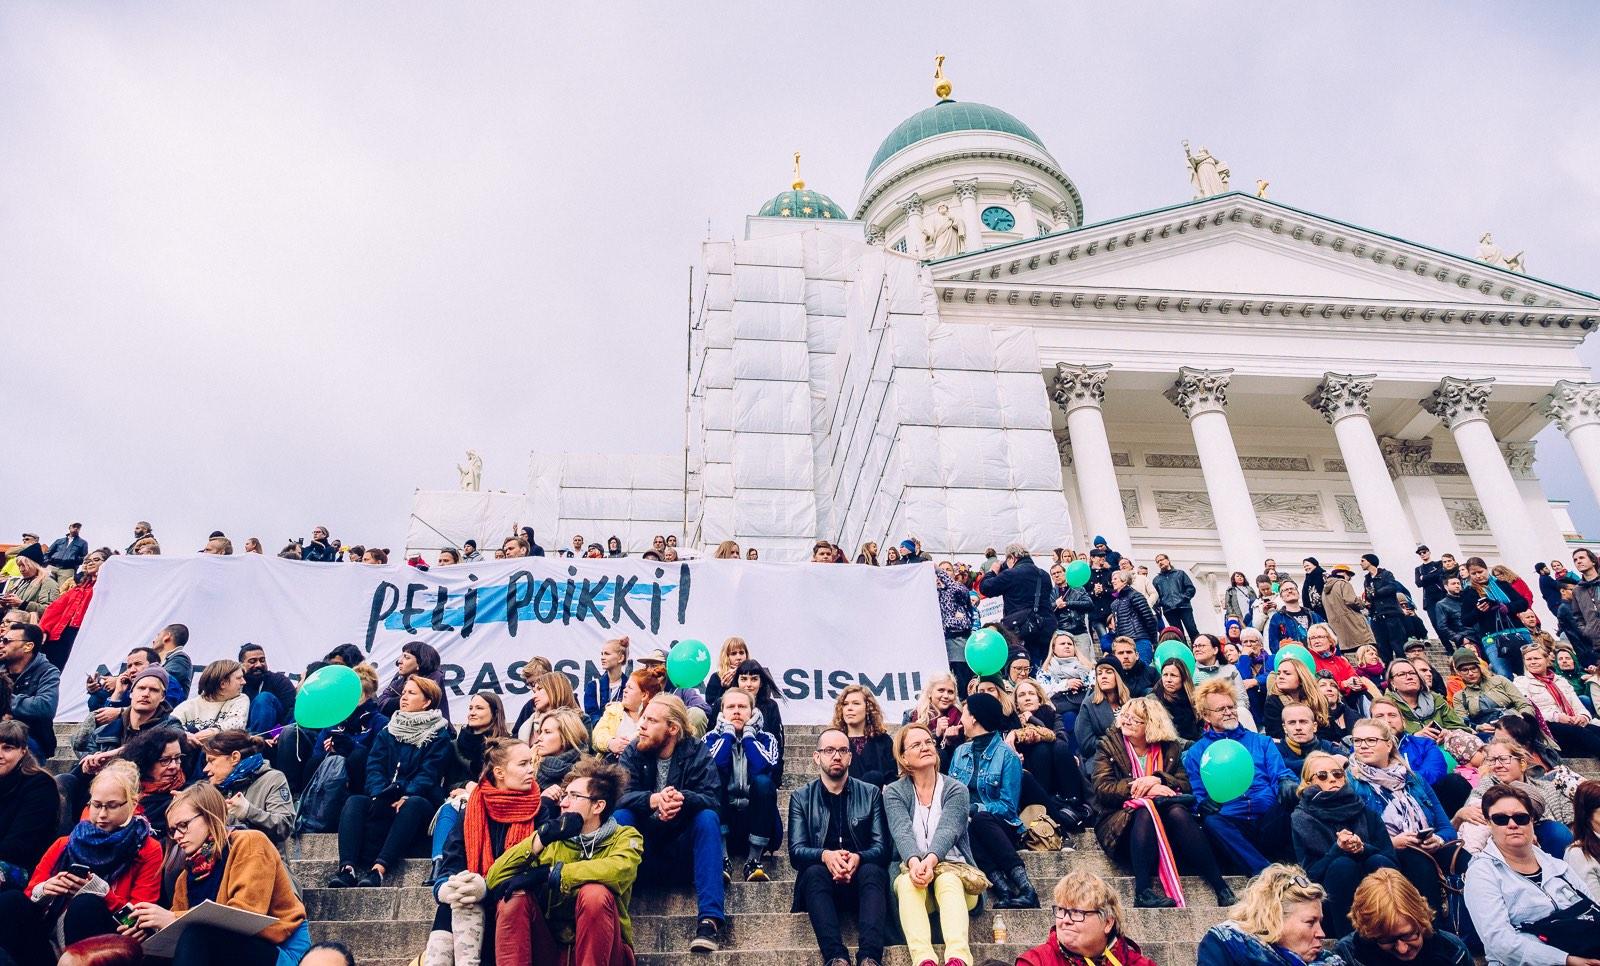 peli-poikki-anti-racist-march-8